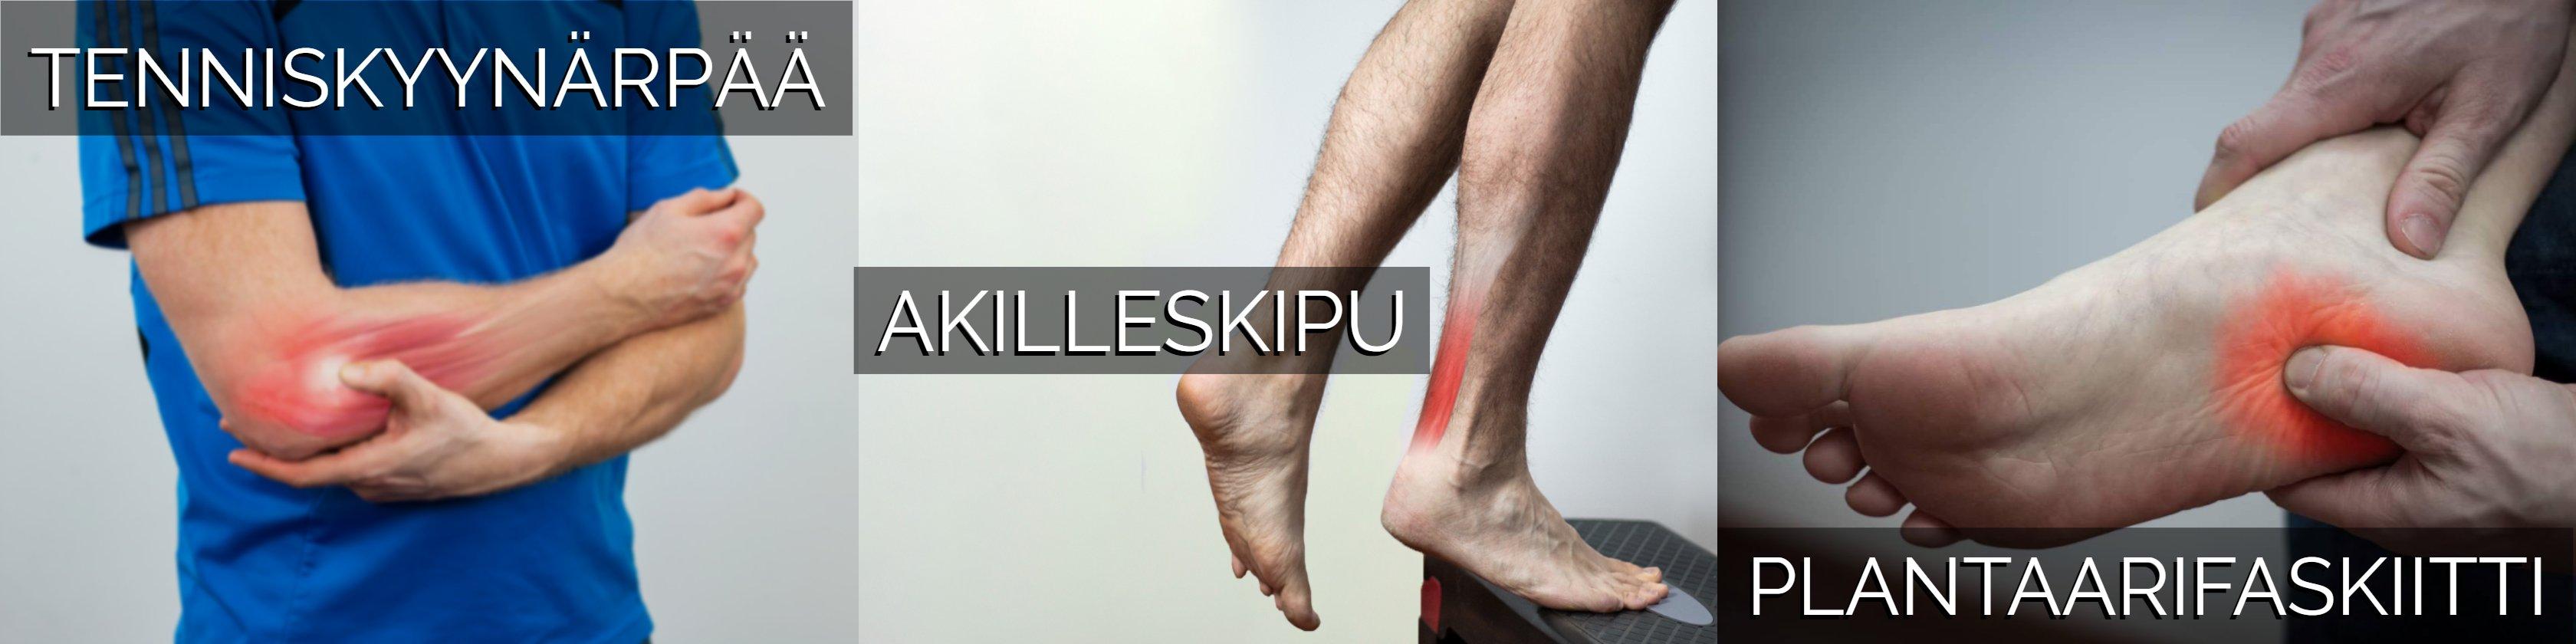 Tenniskyynärpää, akilleskipu, akillesjännekipu, akillesjänteen tendinopatia, plantaarifaskiitti, kantapääkipu, luupiikki, jalkapohjan kipu